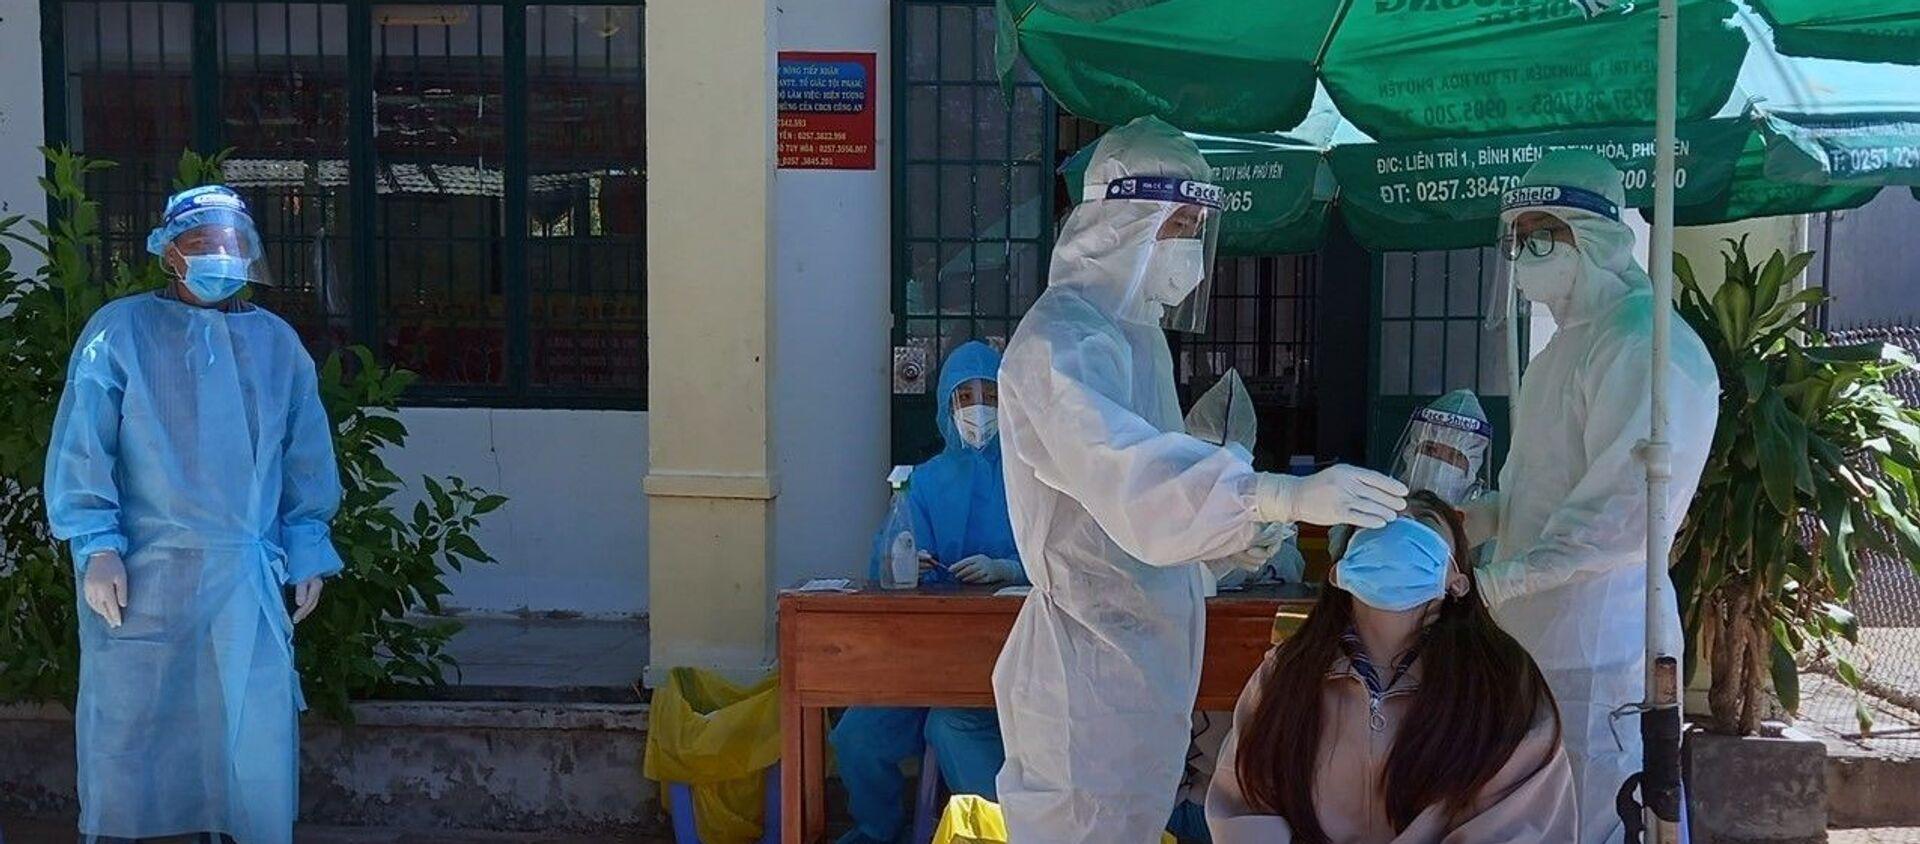 Thực hiện lấy mẫu xét nghiệm SARS-CoV-2 tại Phú Yên.  - Sputnik Việt Nam, 1920, 14.07.2021